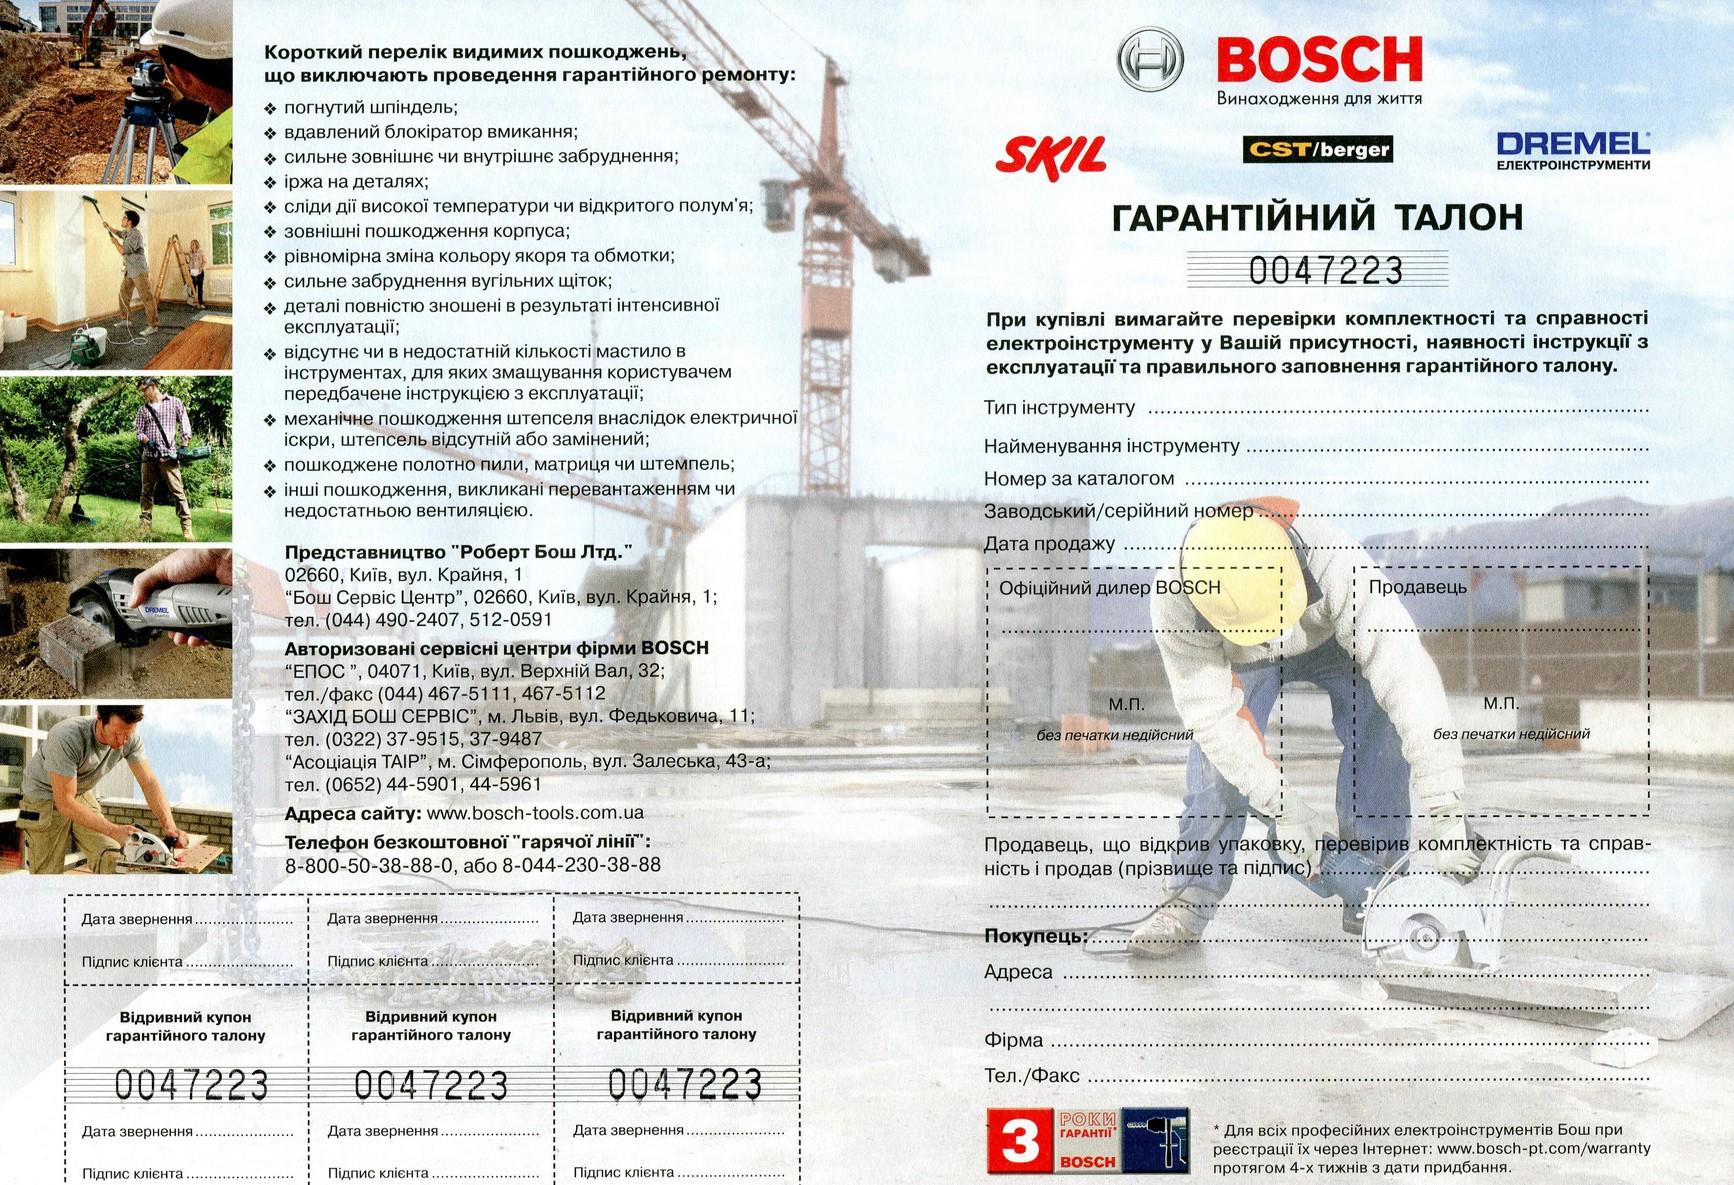 Гарантийный талон Bosch